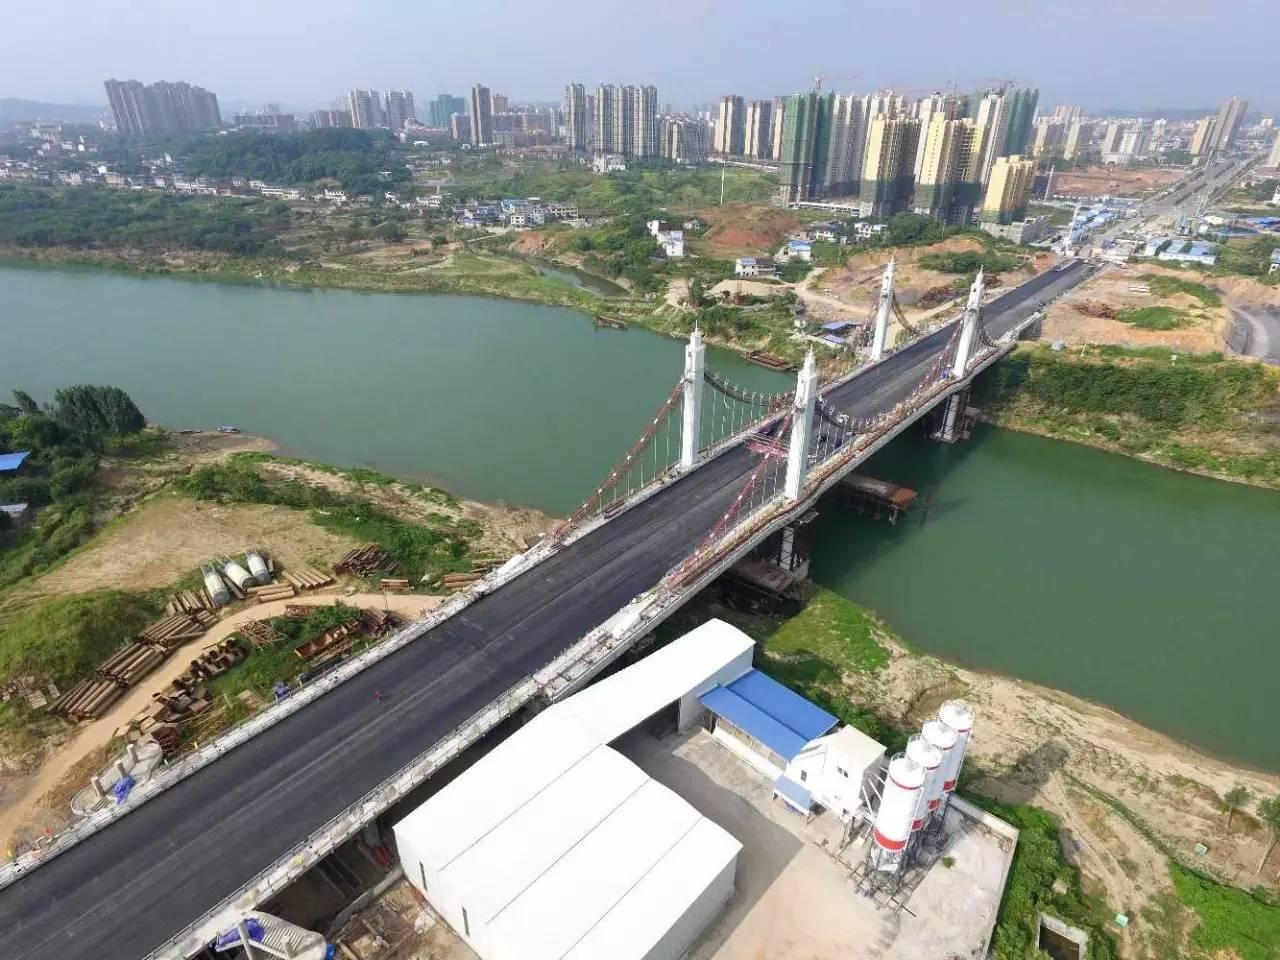 邵阳城市规划_邵阳城市人口